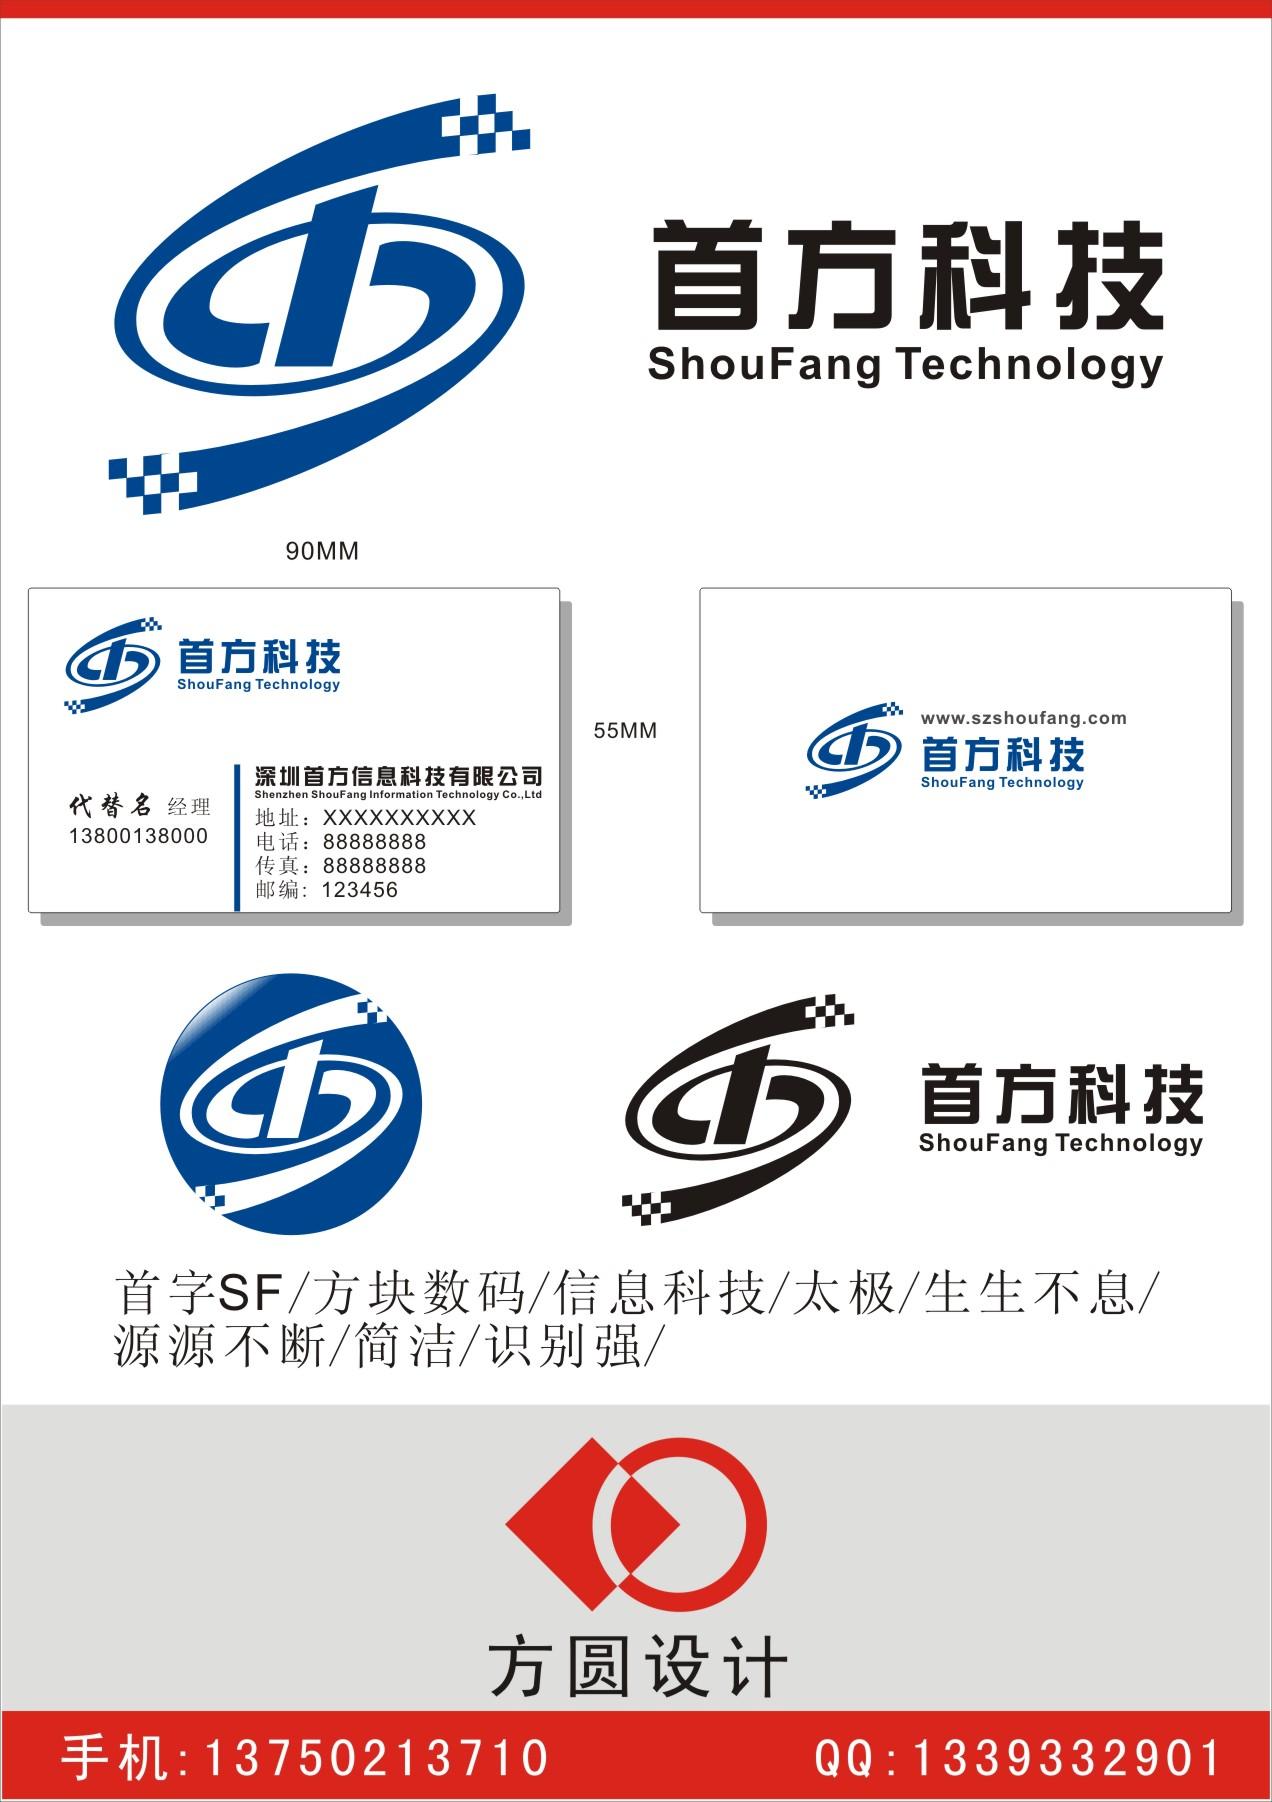 信息科技公司征集logo和名片设计